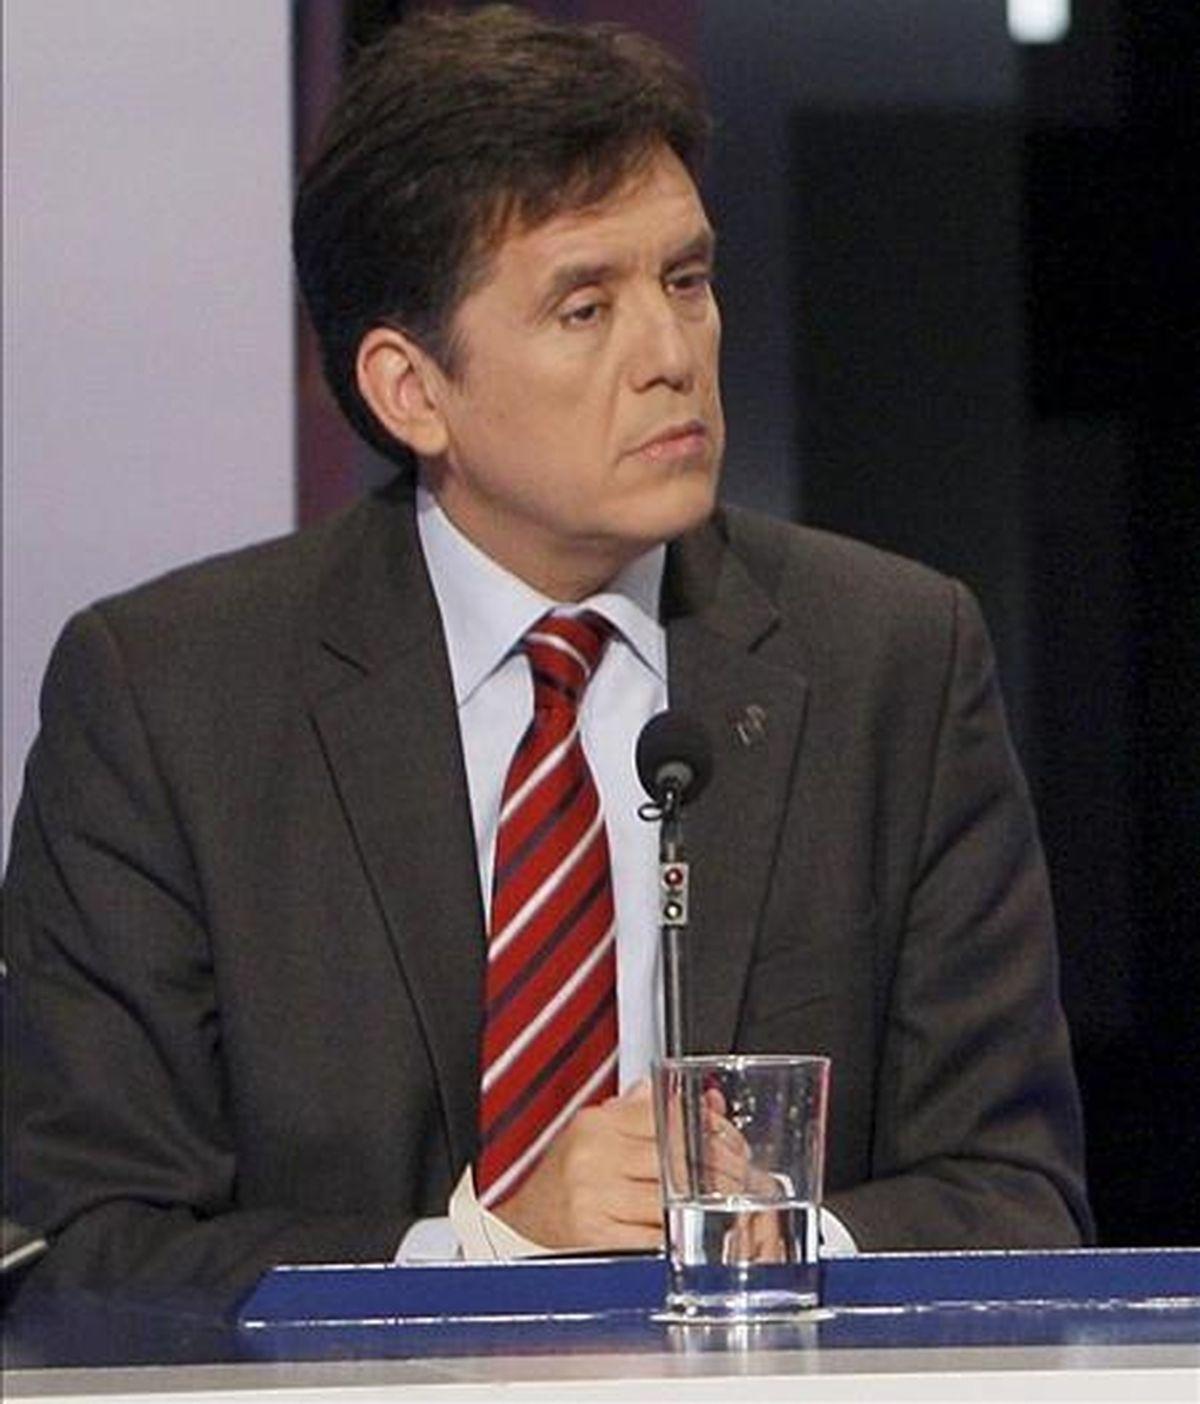 El conseller de Territorio y Sostenibilidad, Lluís Recoder. EFE/Archivo